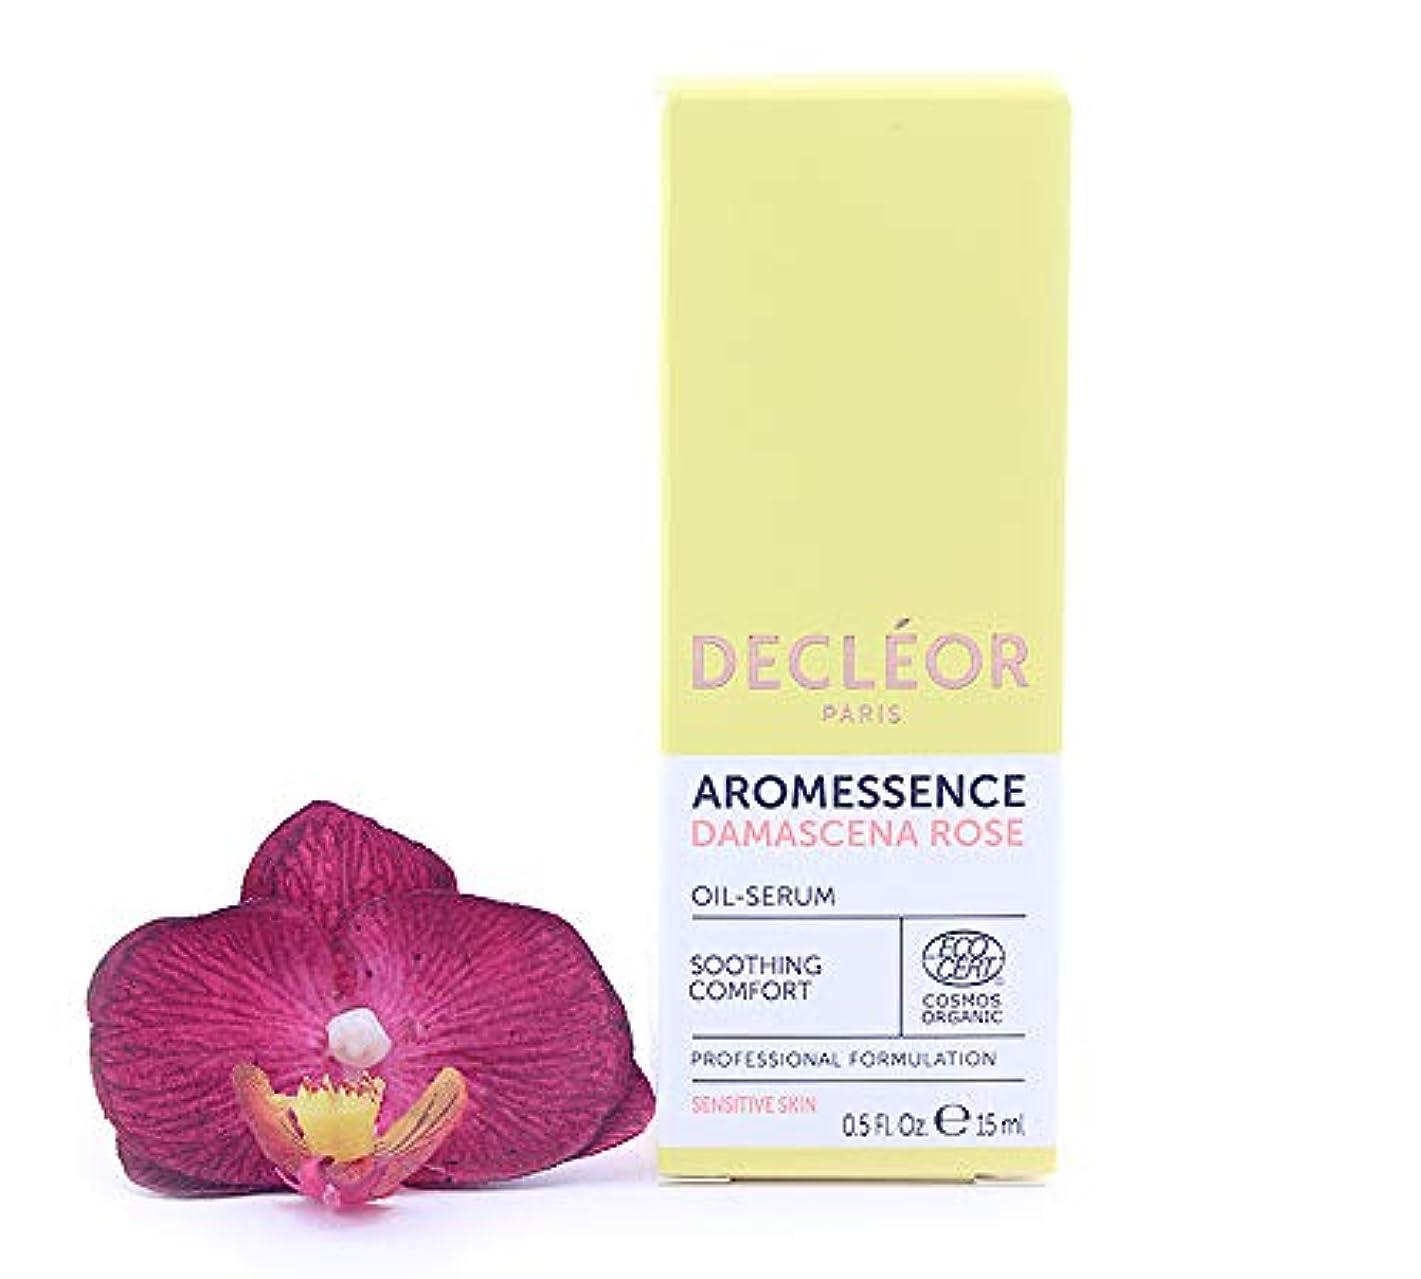 暗くするガスバランスのとれたデクレオール Aromessence Rose D'Orient (Damascena Rose) Soothing Comfort Oil Serum 15ml/0.5oz並行輸入品